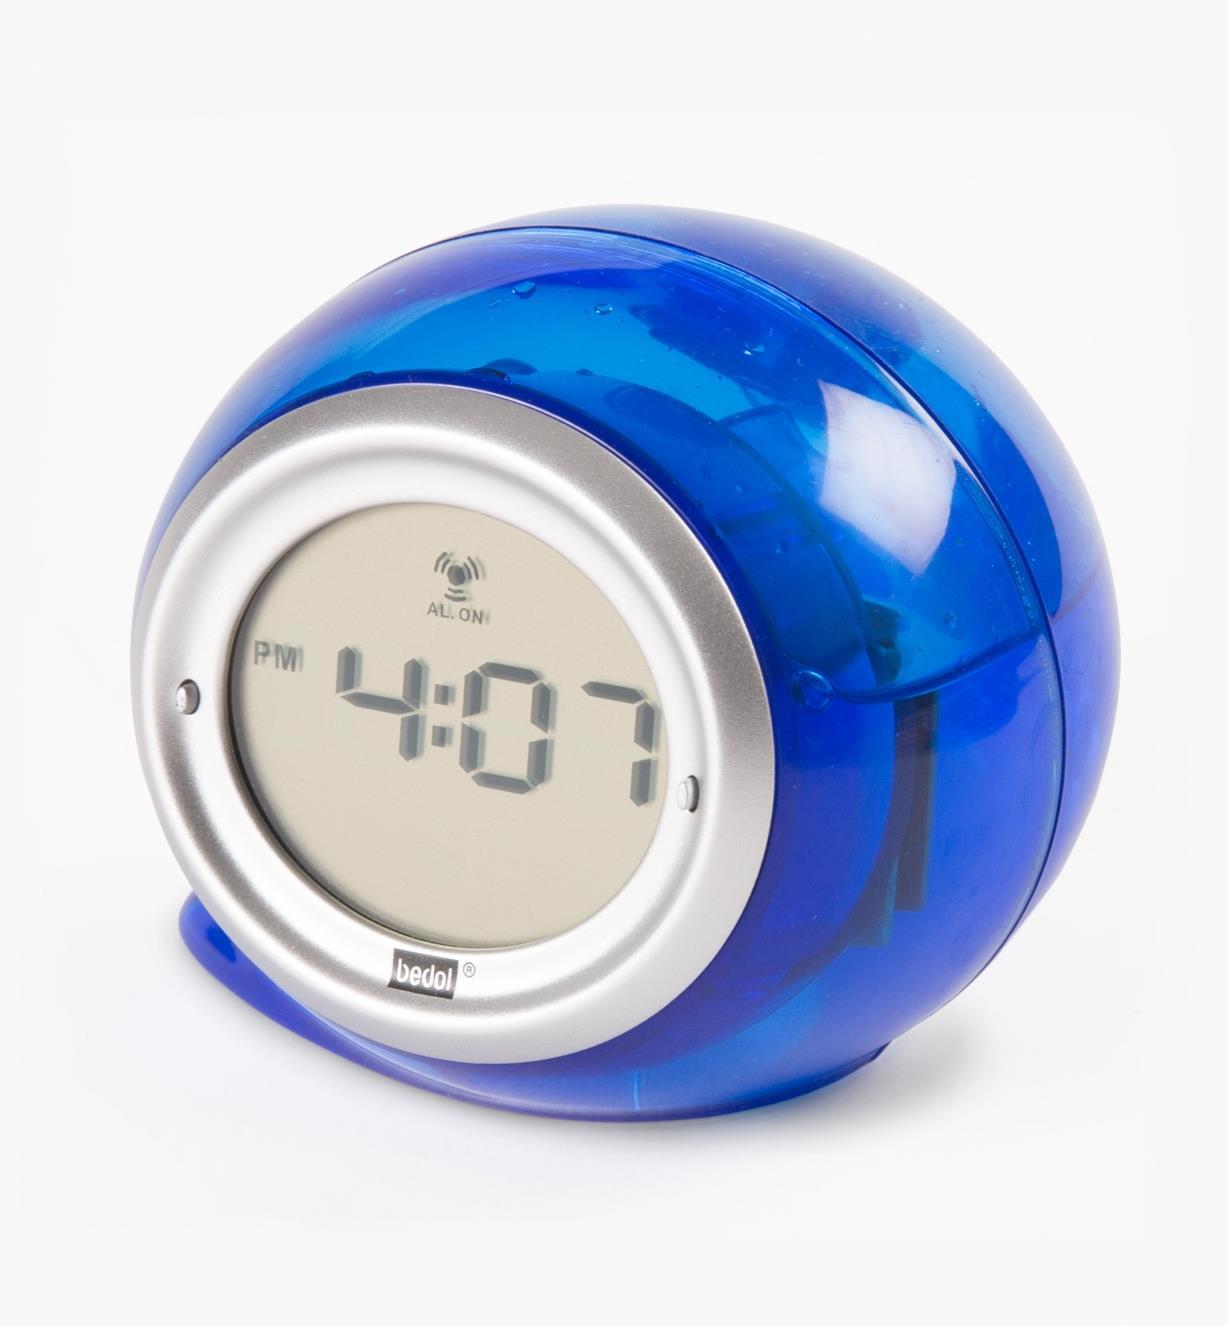 45K1905 - Horloge à eau, bleu